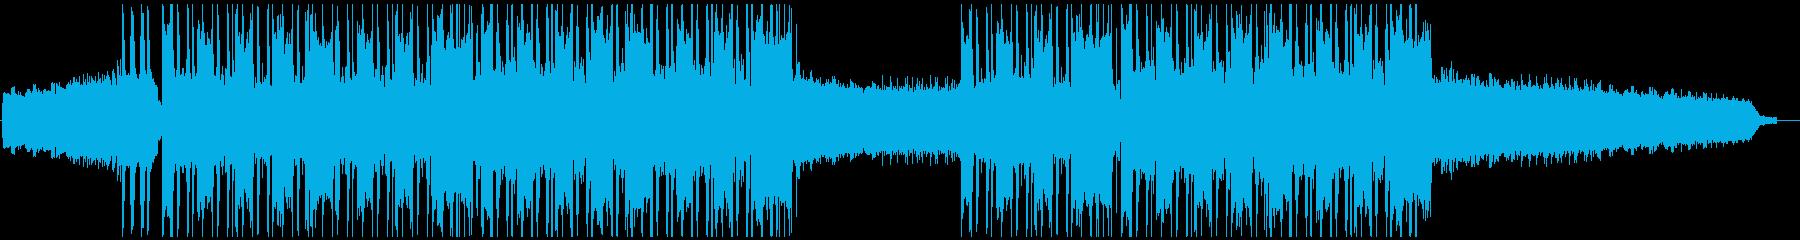 スタイリッシュなエレクトロニックヒップホの再生済みの波形